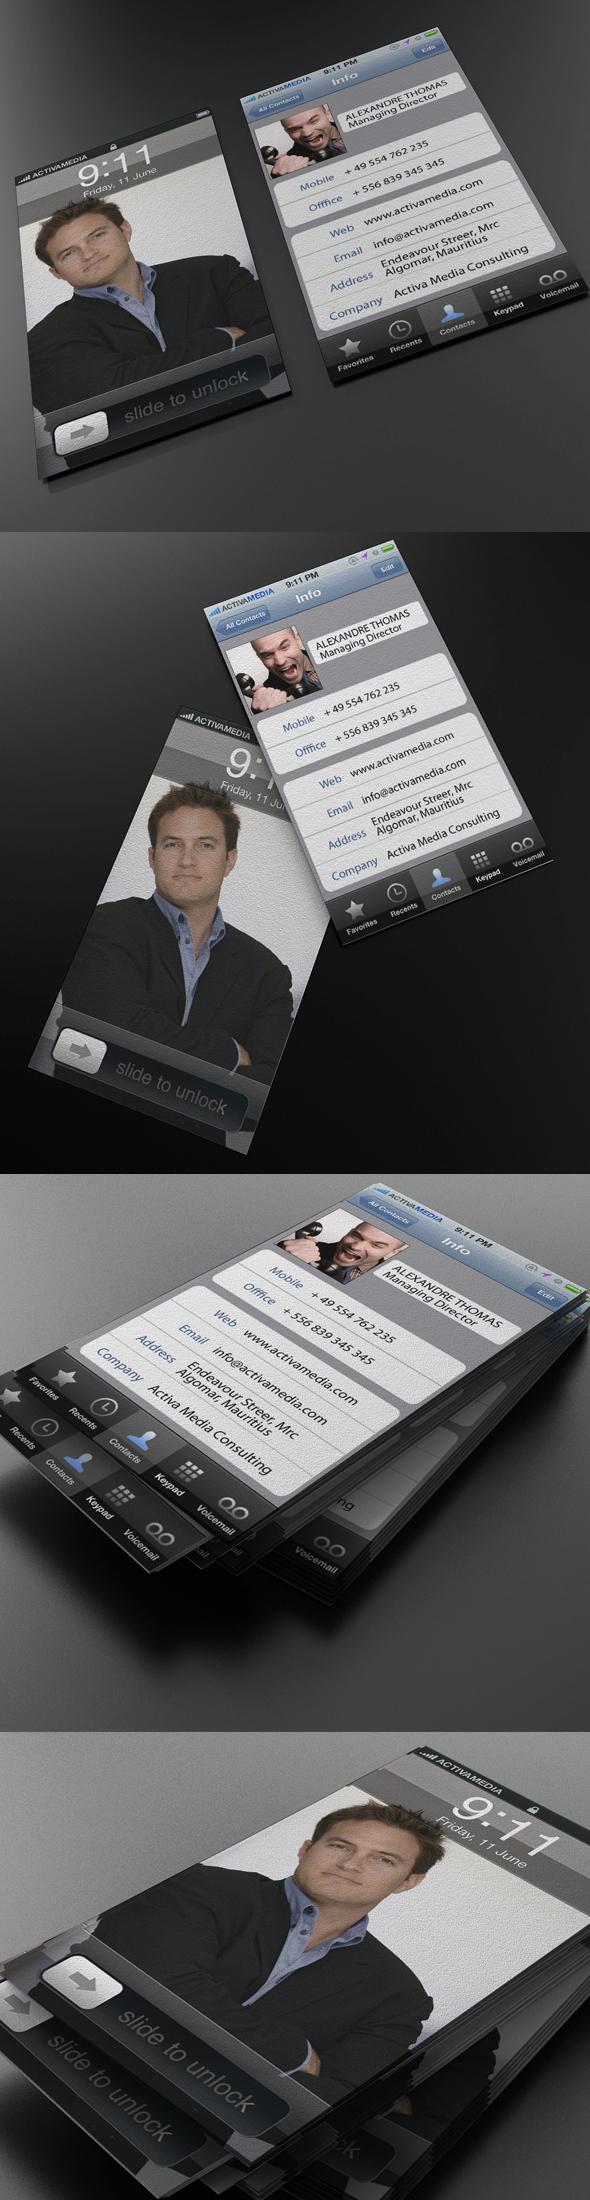 carti de vizita Iphone